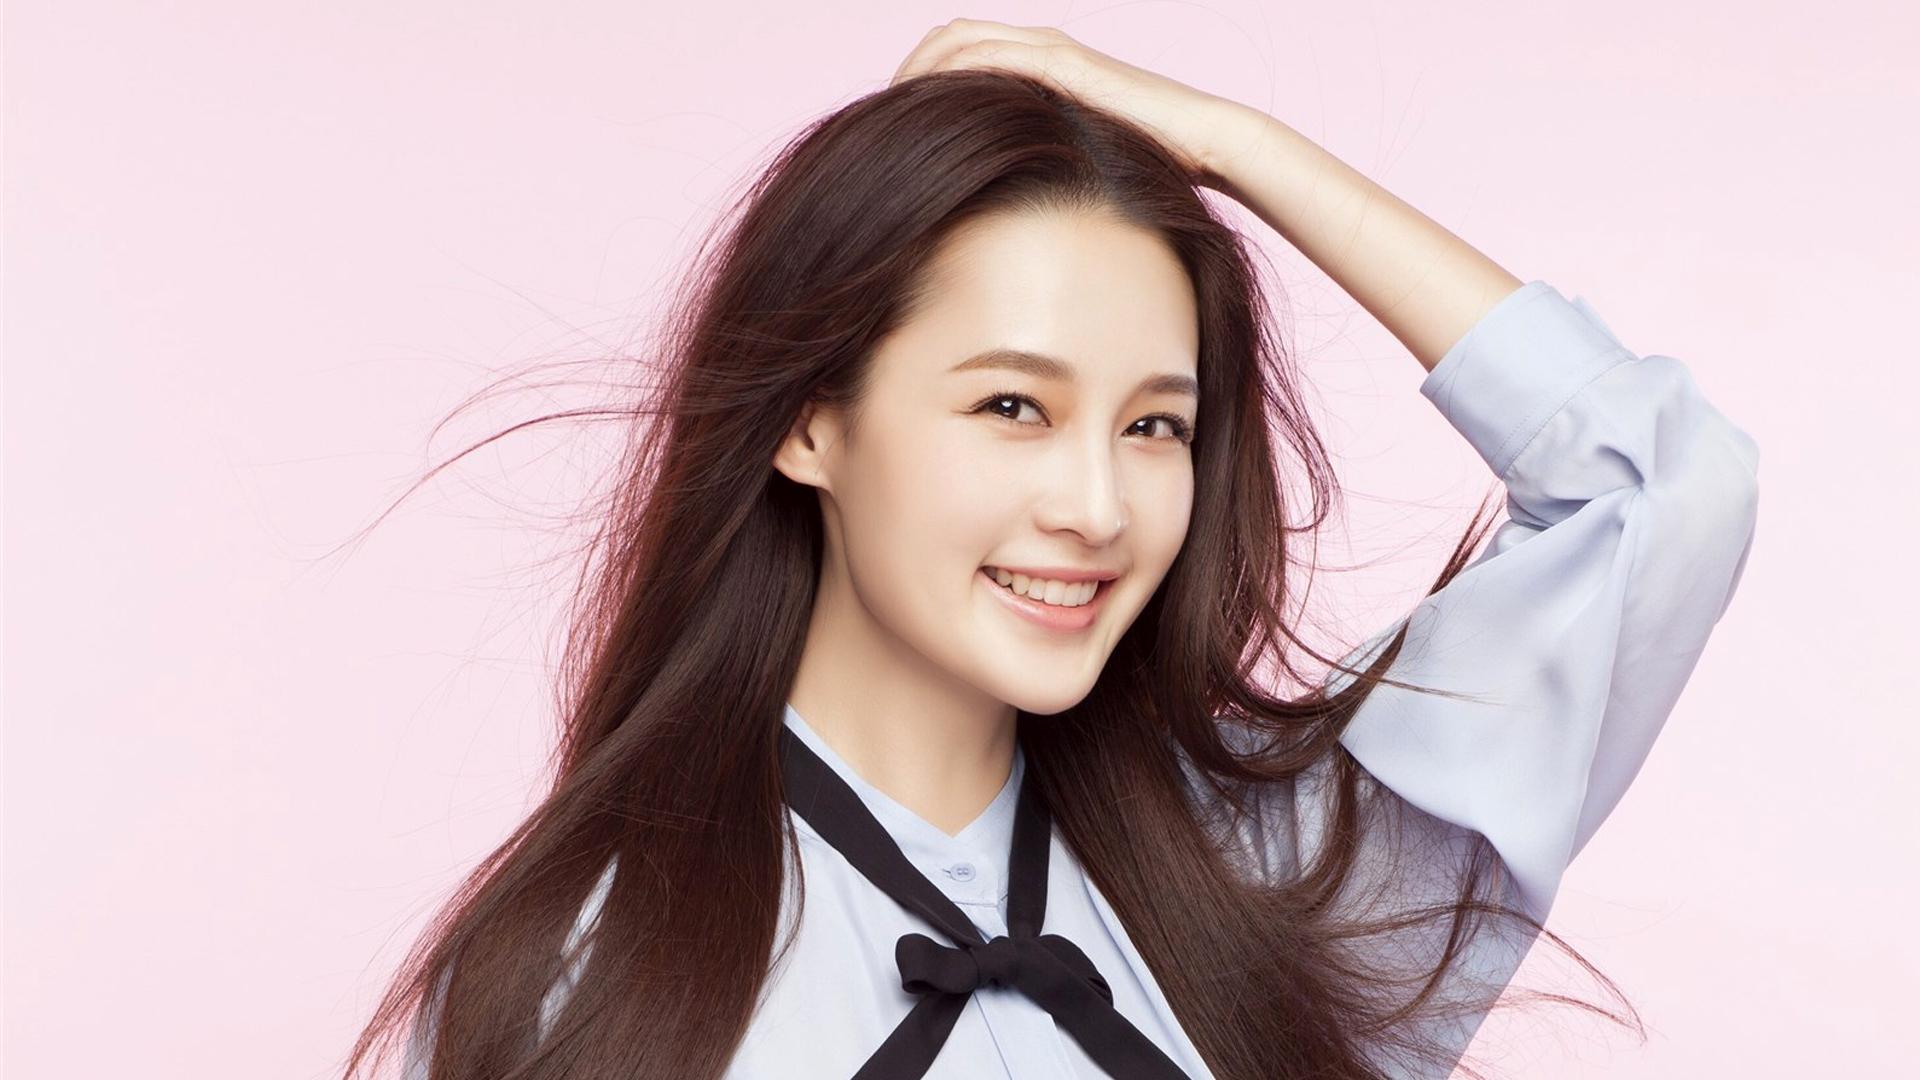 2019年美 排行榜_2019亚洲10美排行榜 新木优子颜值爆表,中国仅她上榜